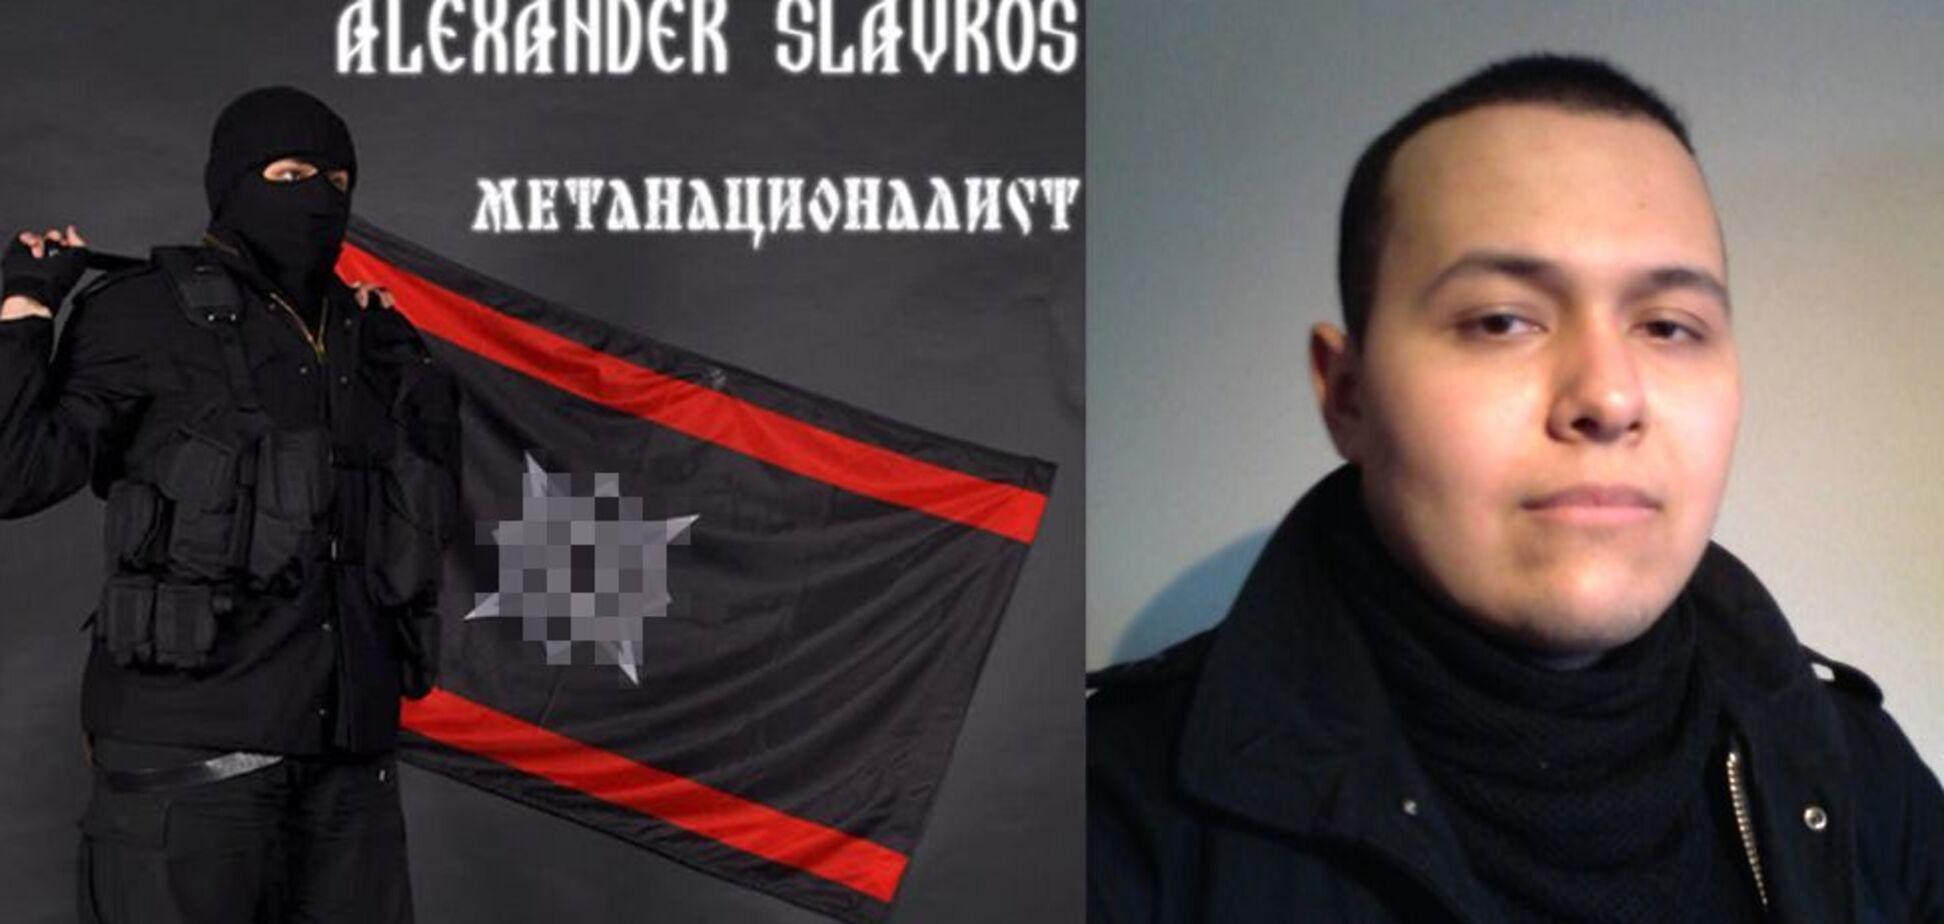 Журналисты рассекретили, кто стоит за самым масштабным фашистским интернет-форумом в РФ